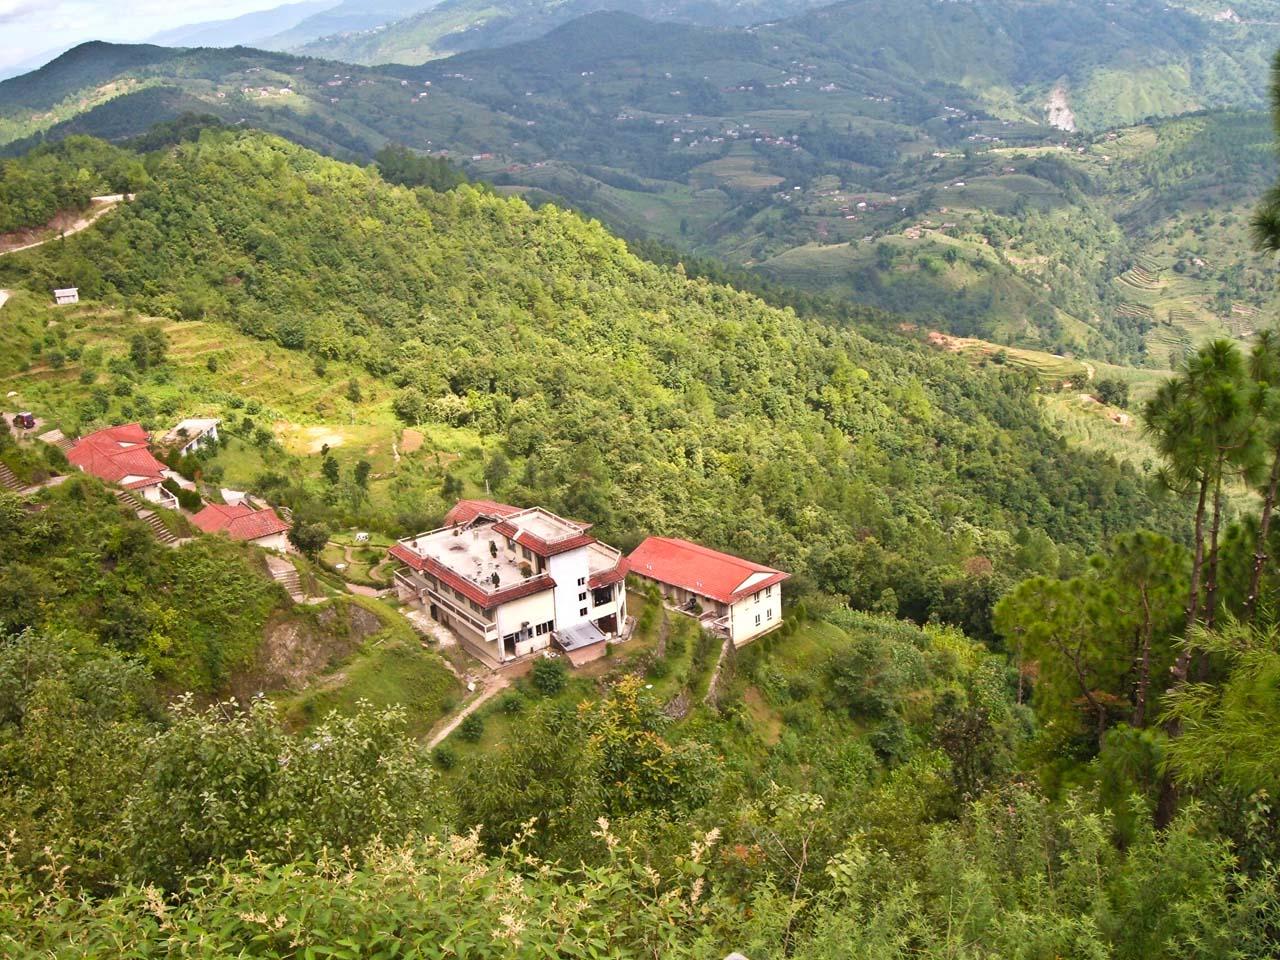 Nagarkot village